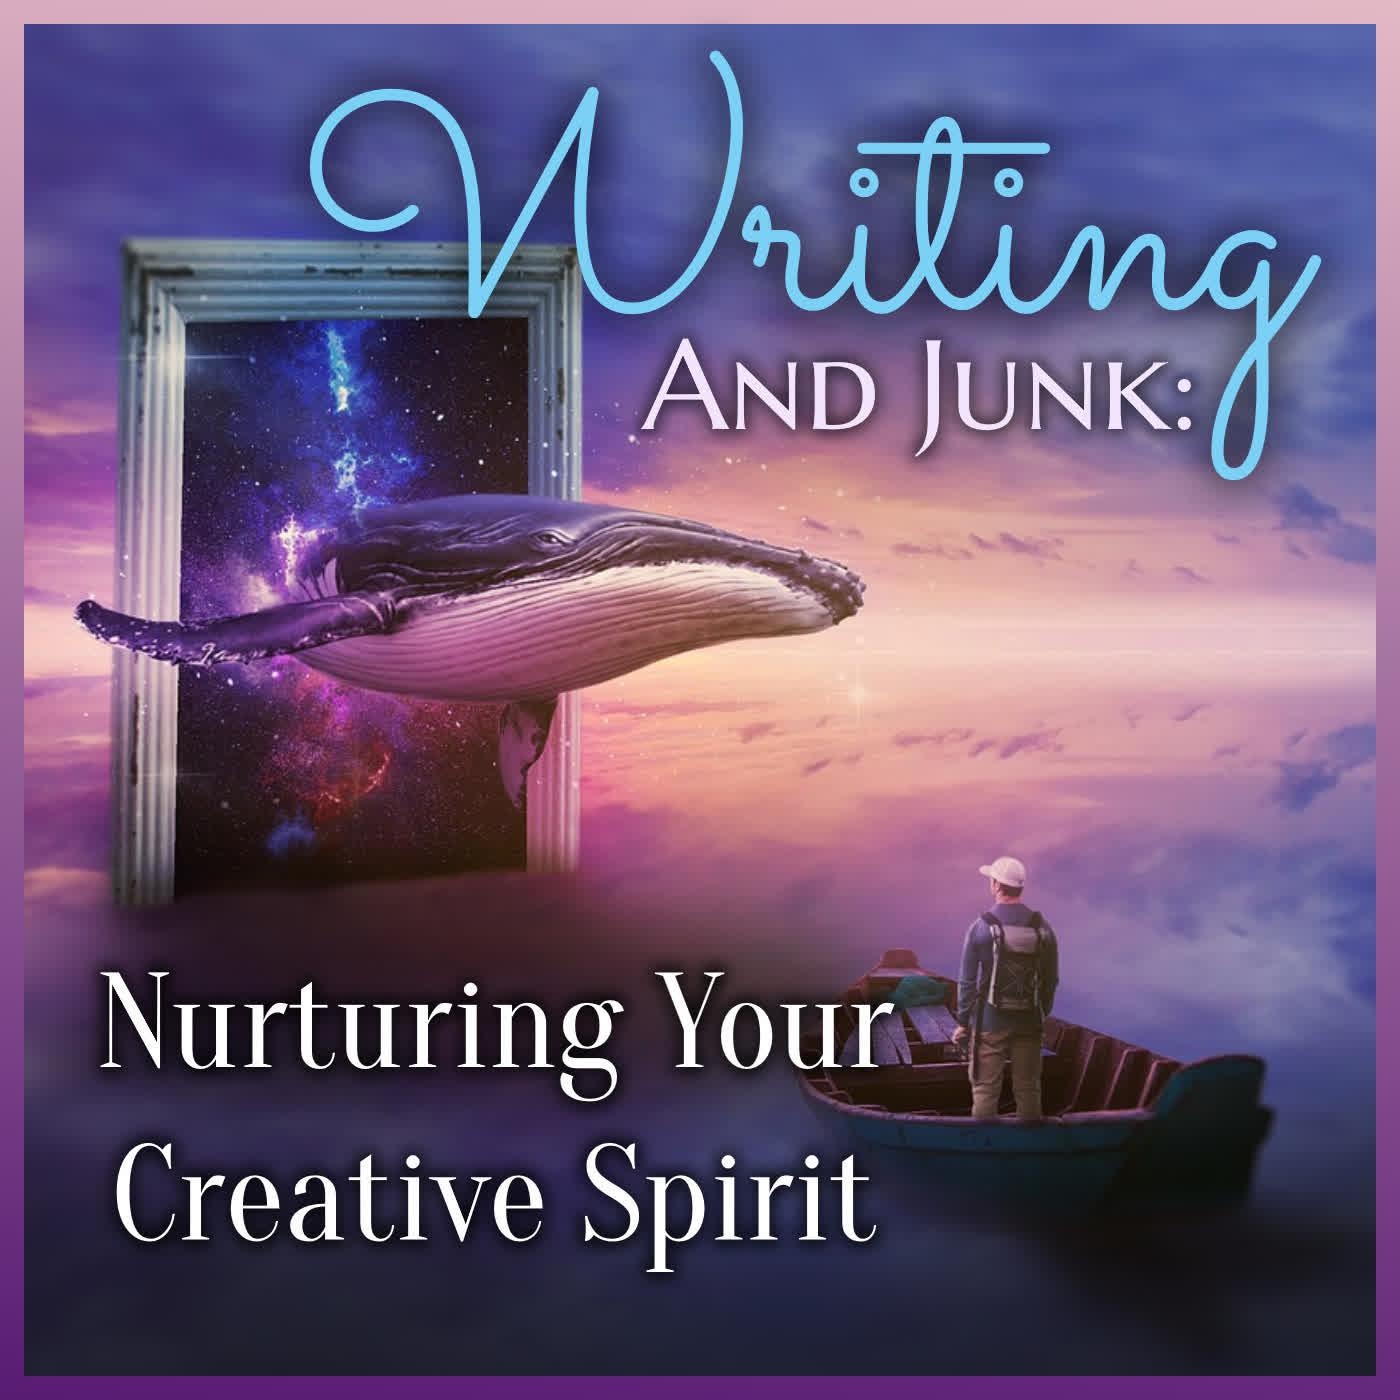 Writing & Junk: Nurturing Your Creative Spirit